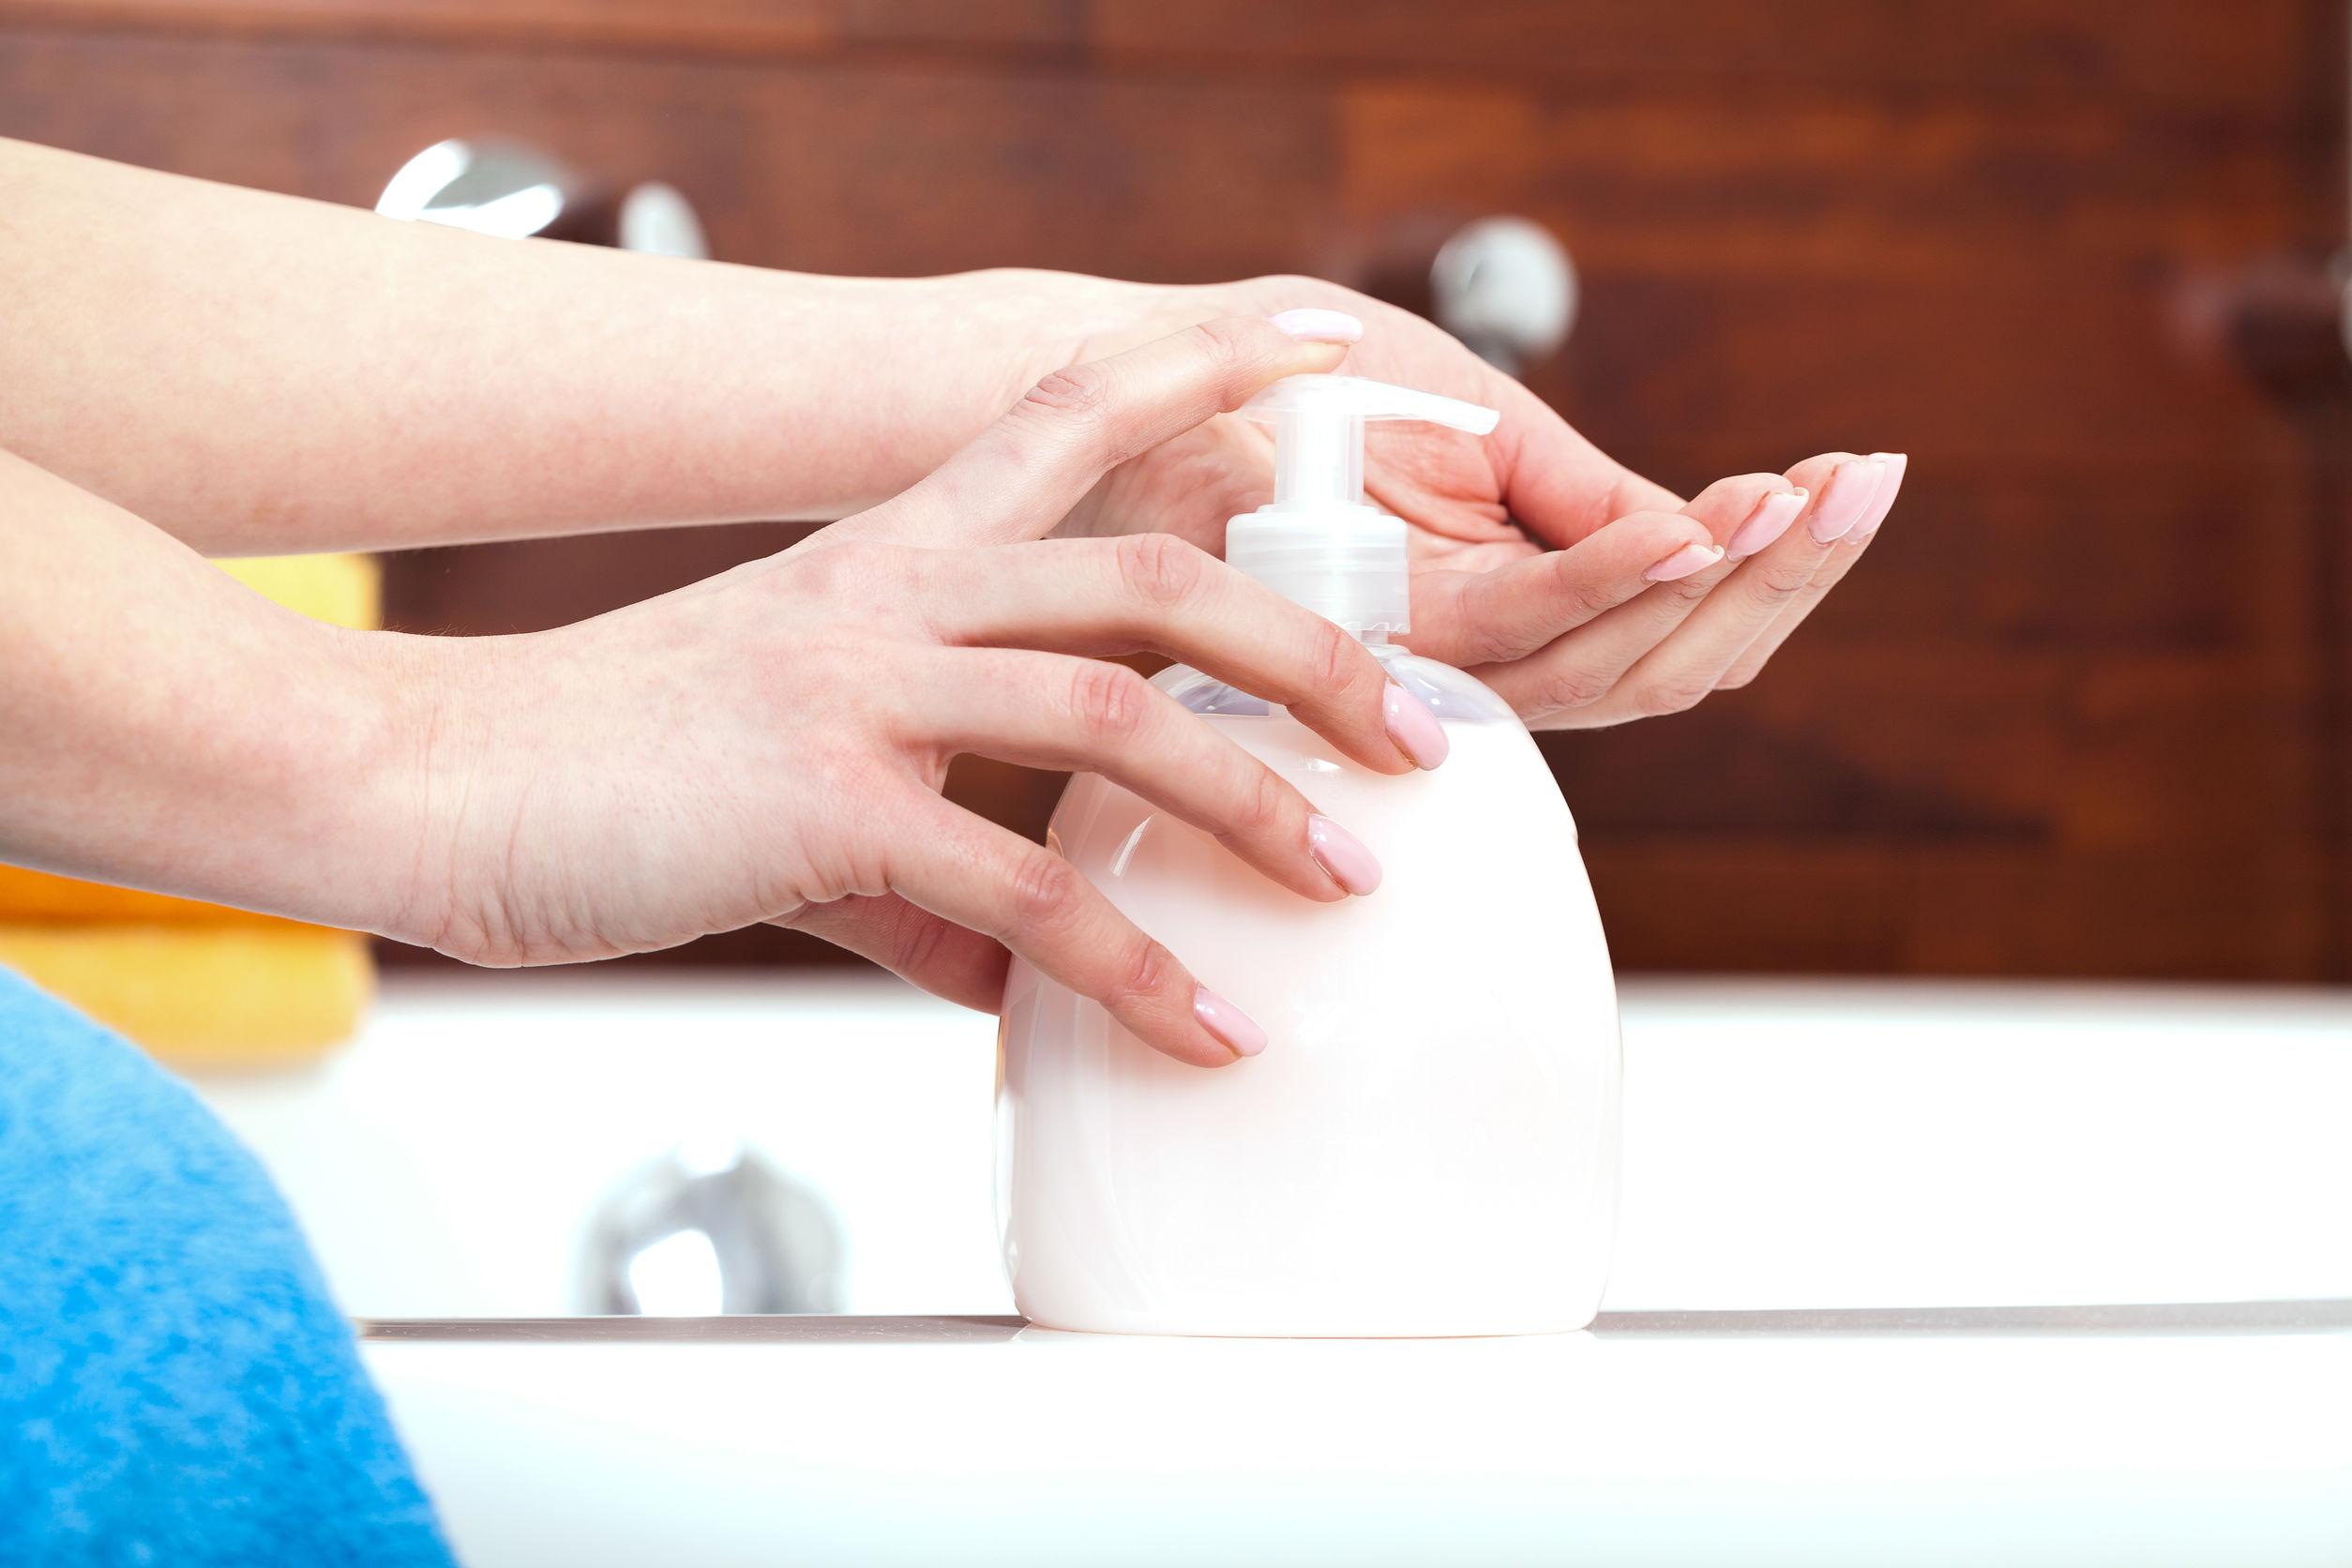 Eine Frau wäscht sich gerade am Waschbecken mit einem Seifenspender die Hände.